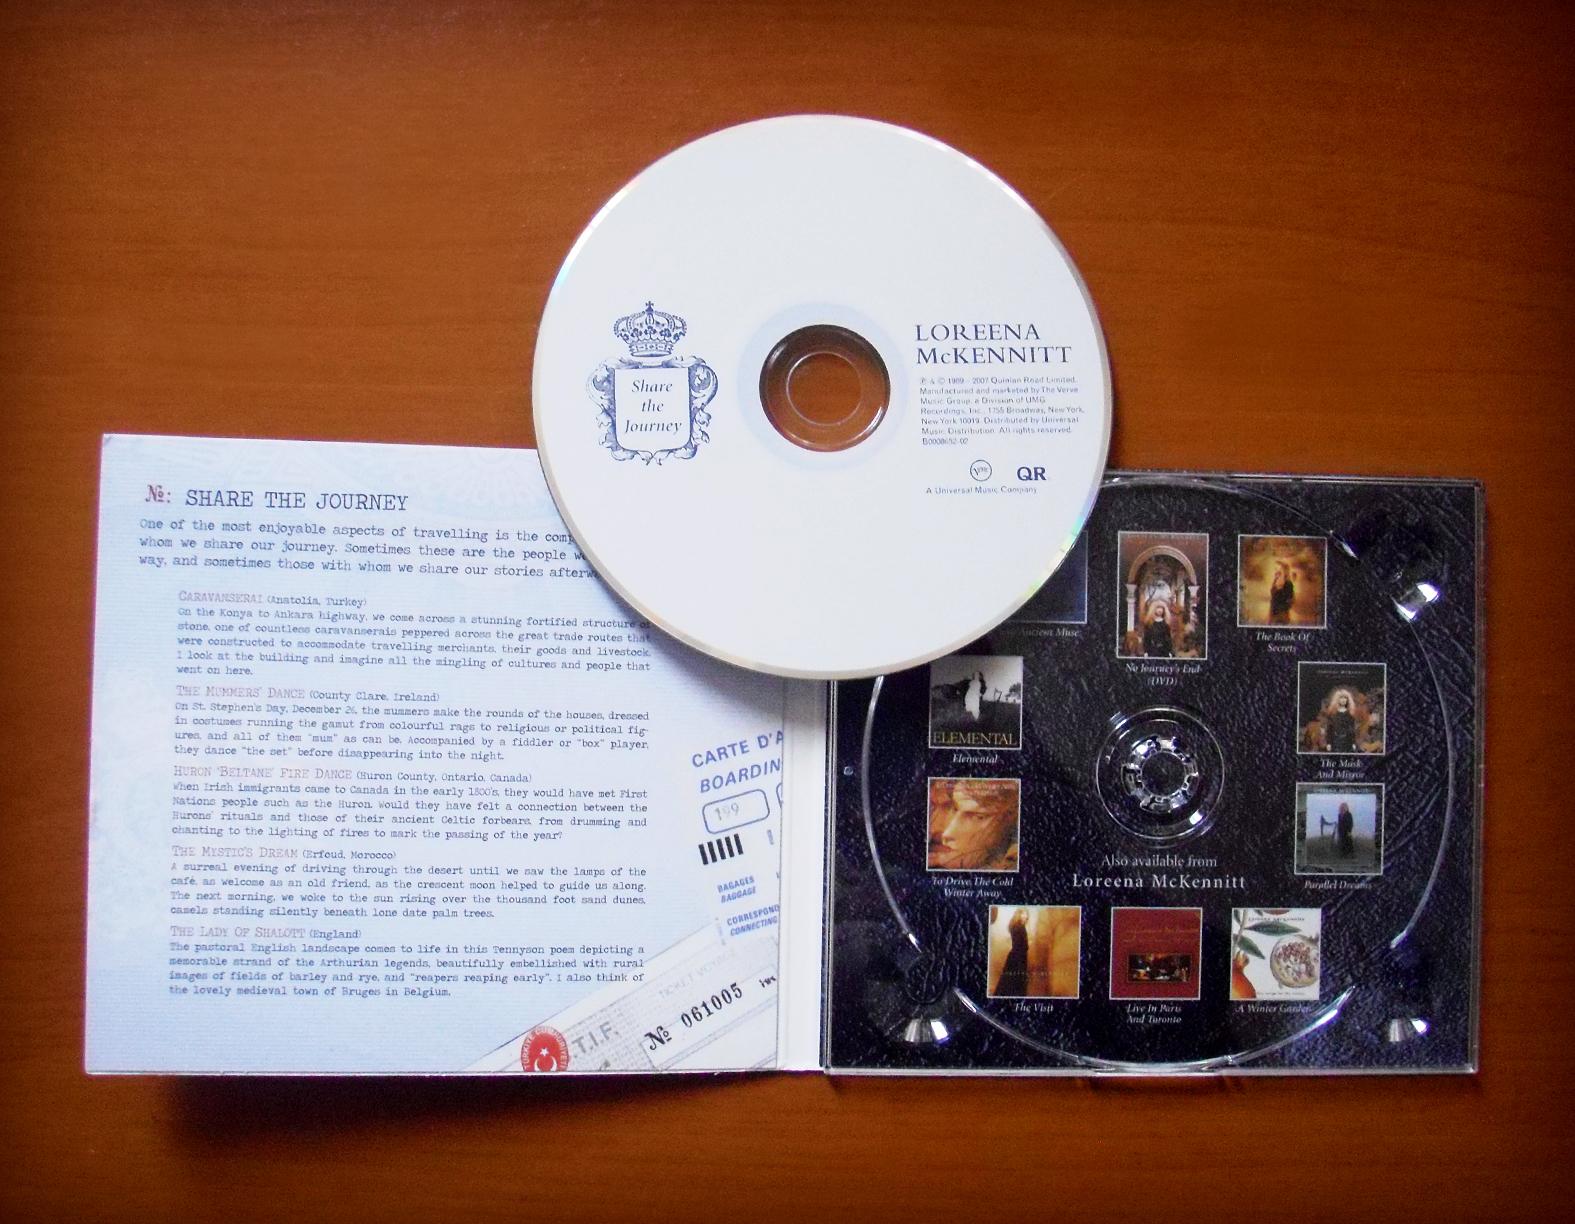 loreena mckennitt collection 2007 share the journey borders